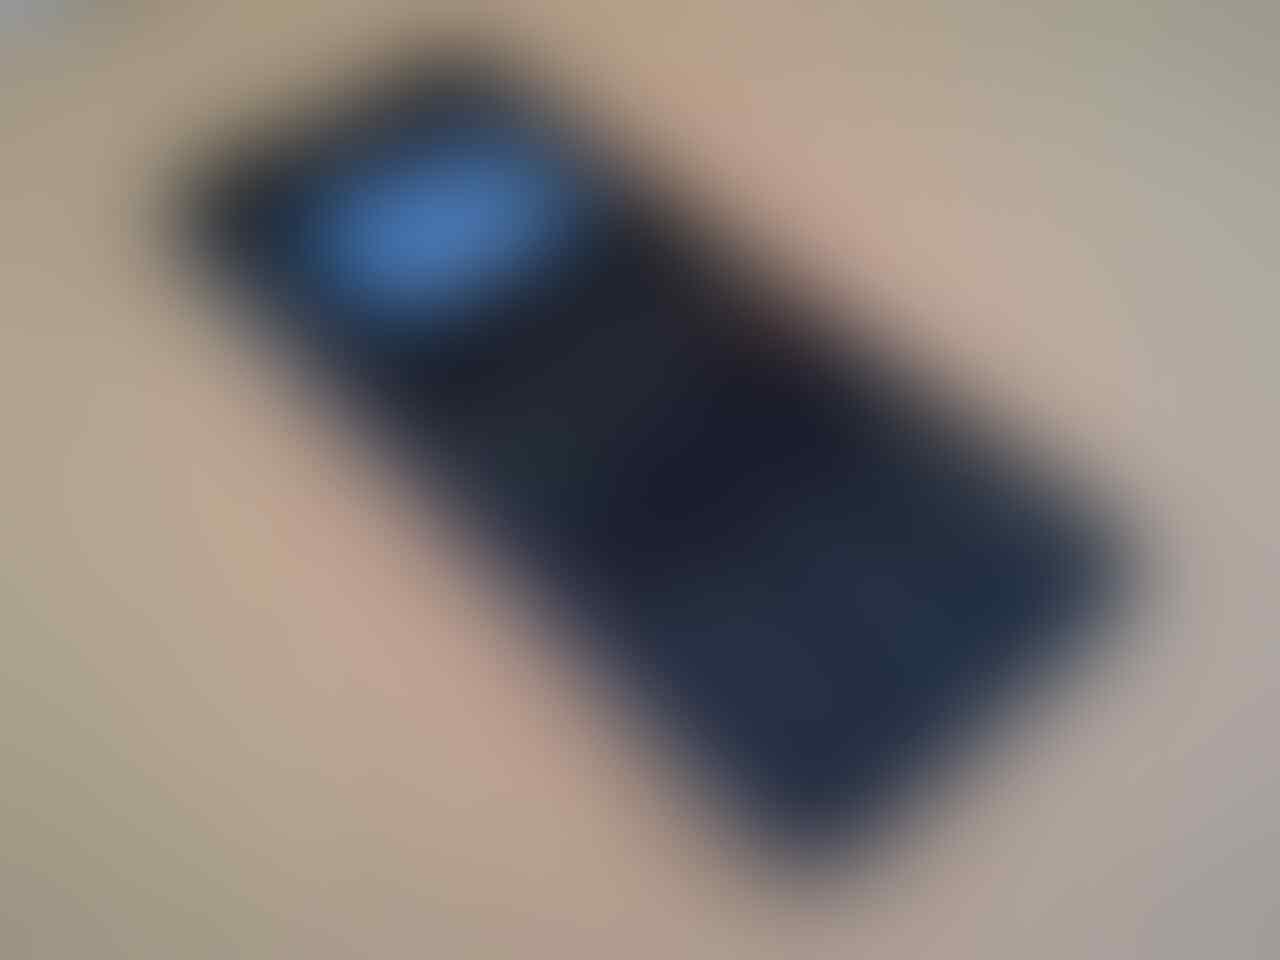 Samsung SGH-F500 Ultra Video Dual Face Fullset MintCondition Not Nokia